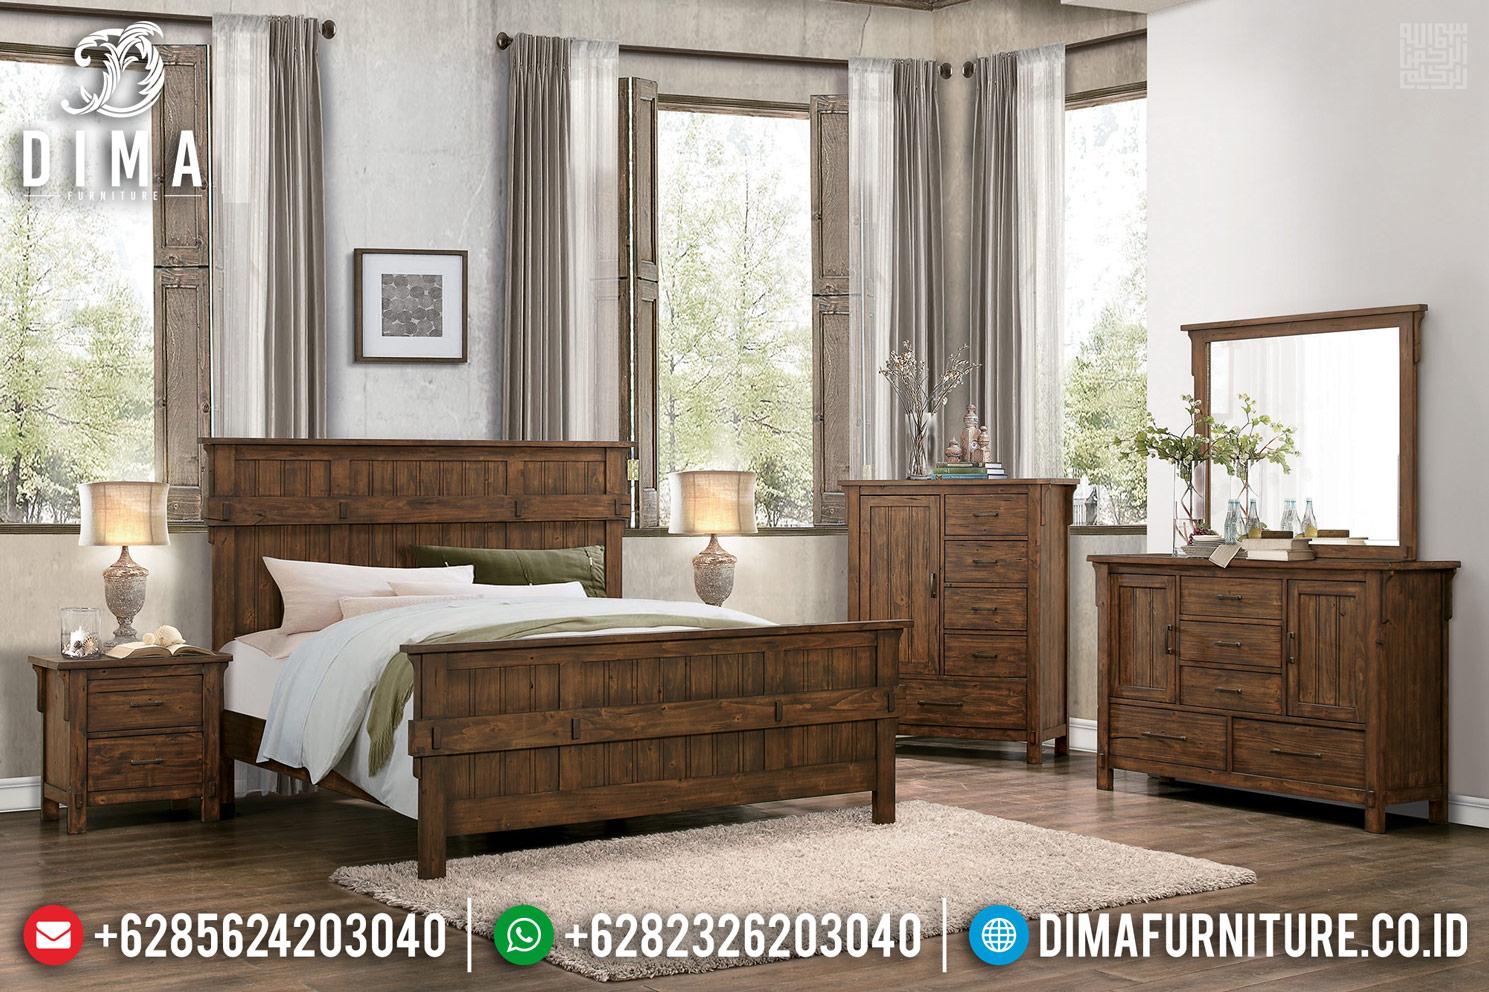 New Dipan Set Tempat Tidur Minimalis Klasik Jati Natural Salak Brown Mm-0724